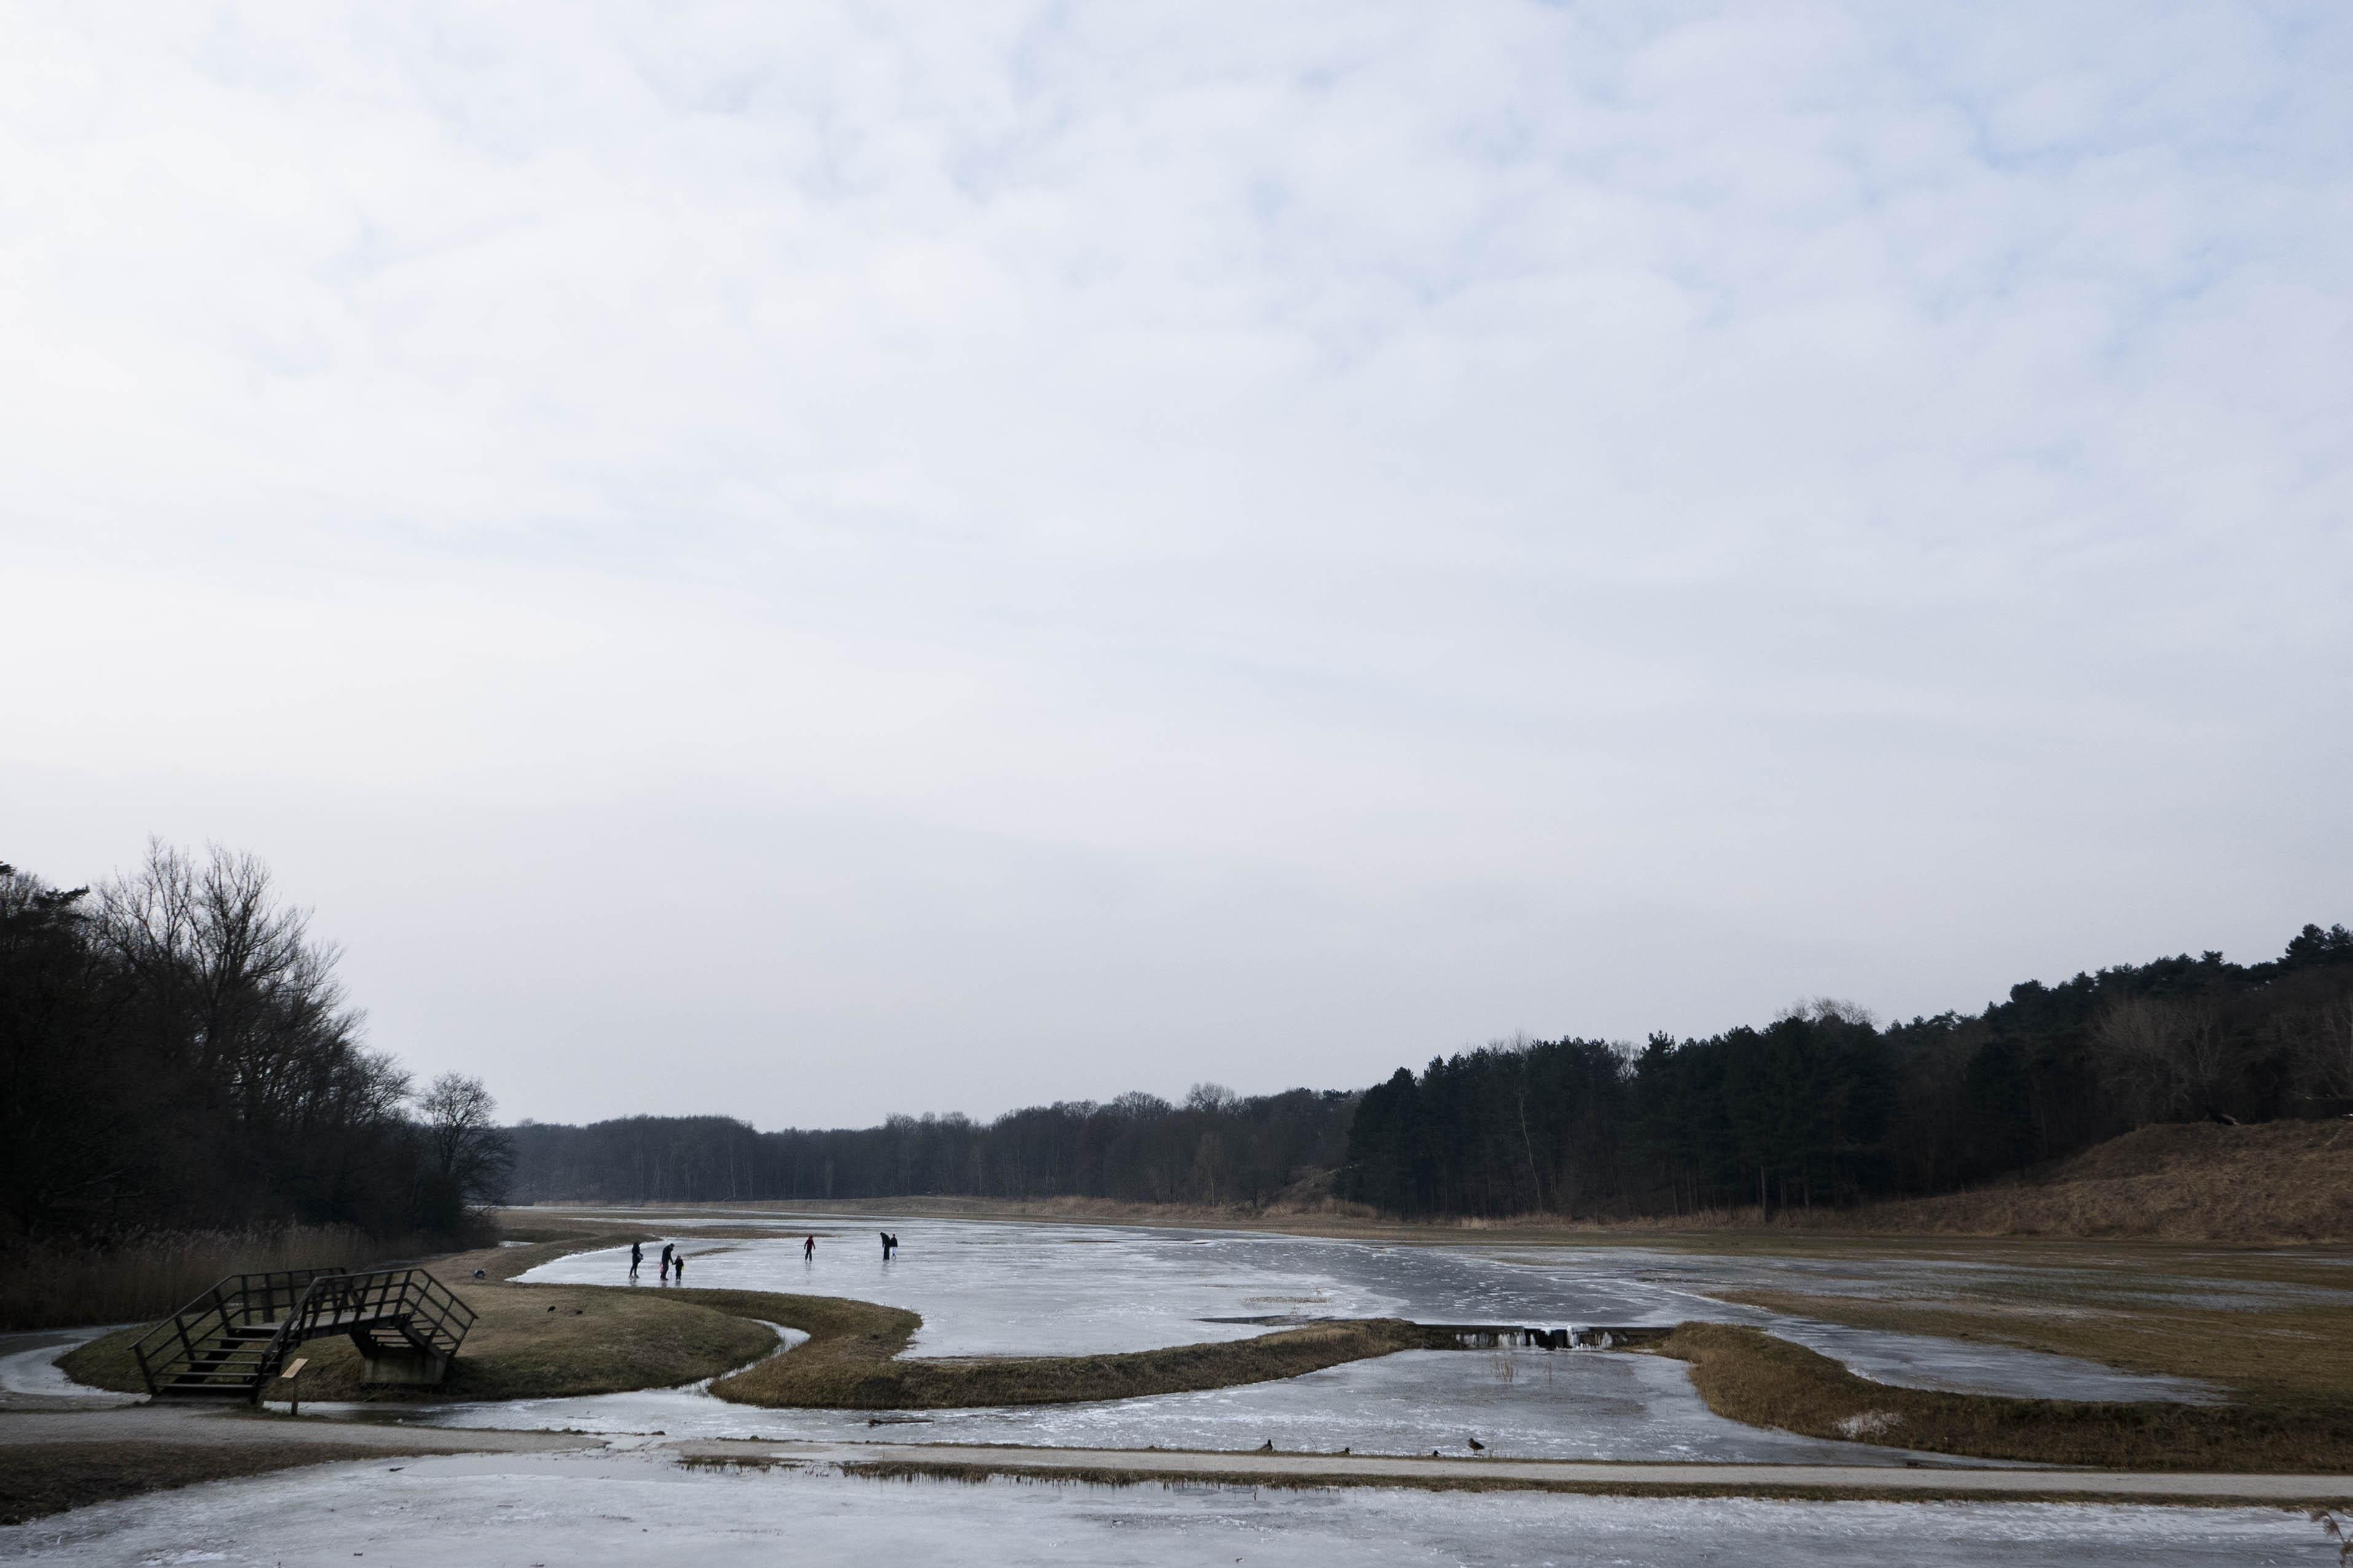 Nationaal Park Zuid-Kennemerland landschapsfotografie